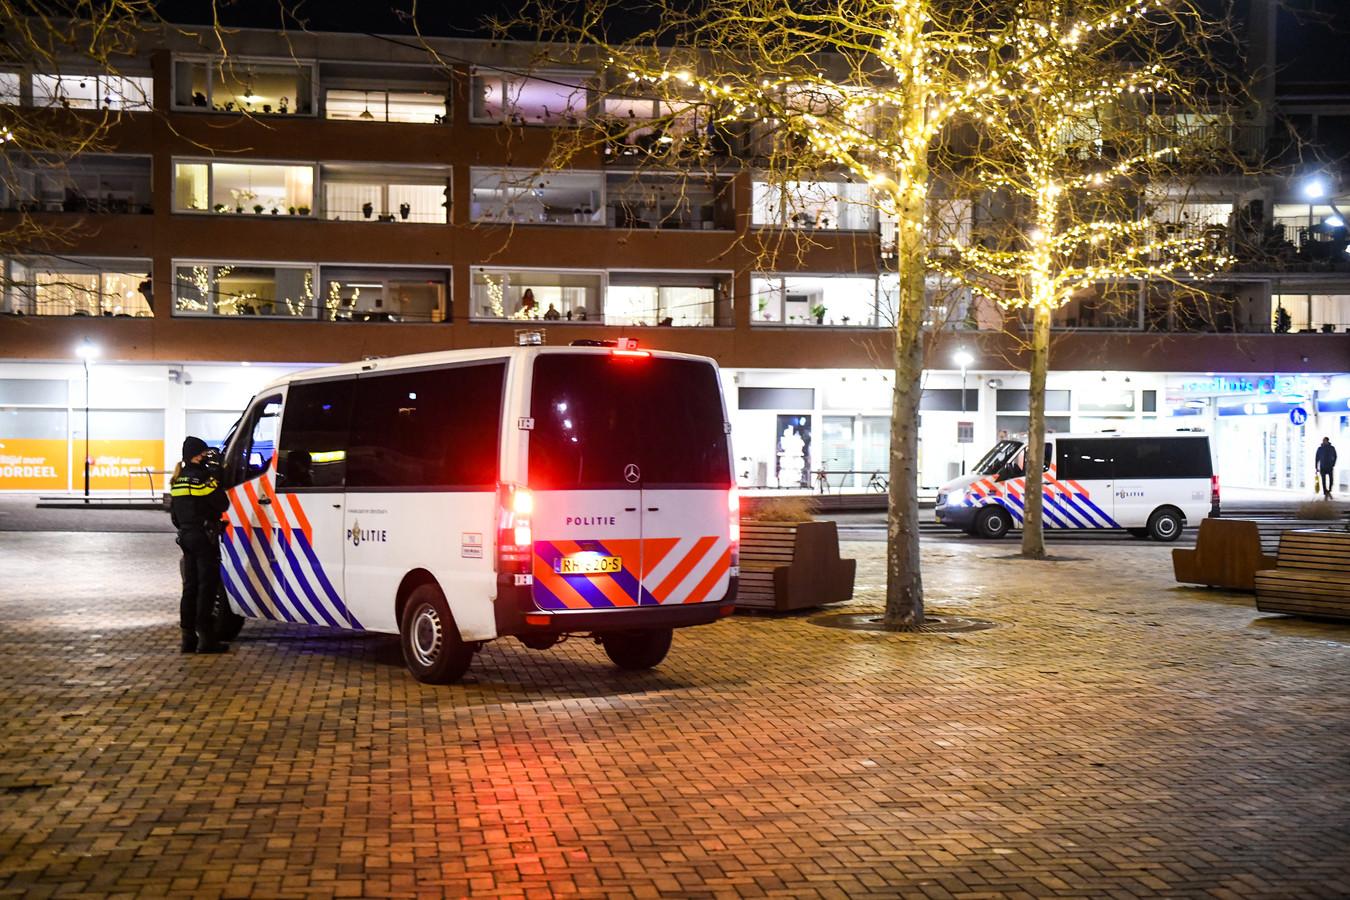 Politie is aanwezig op het Raadhuisplein in Bodegraven vanwege aangekondigde rellen.